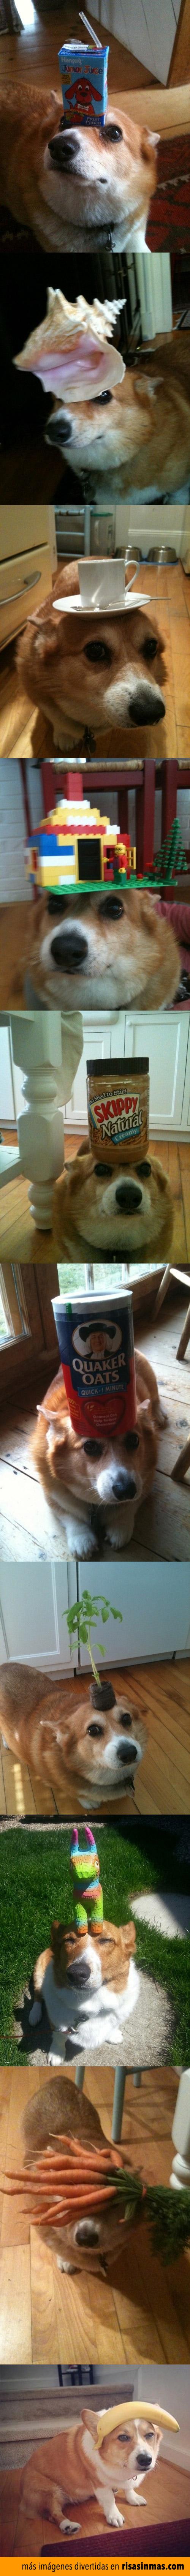 Perrito equilibrista